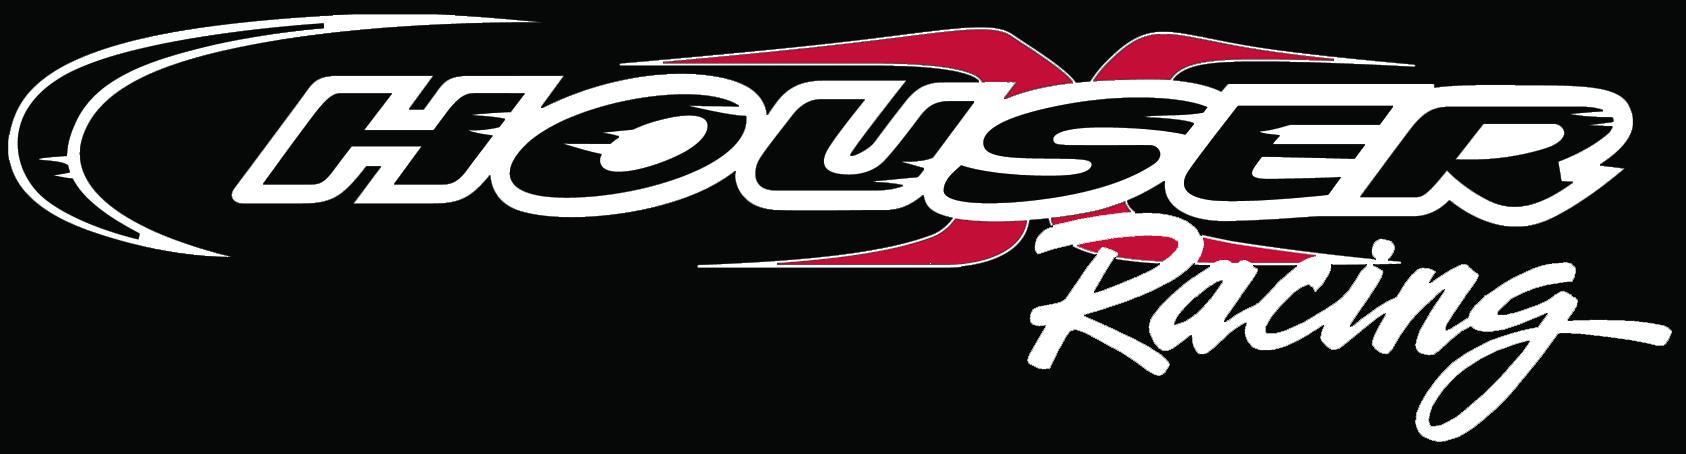 Houser_Logo_500_Resolution_BLK_BG.jpg